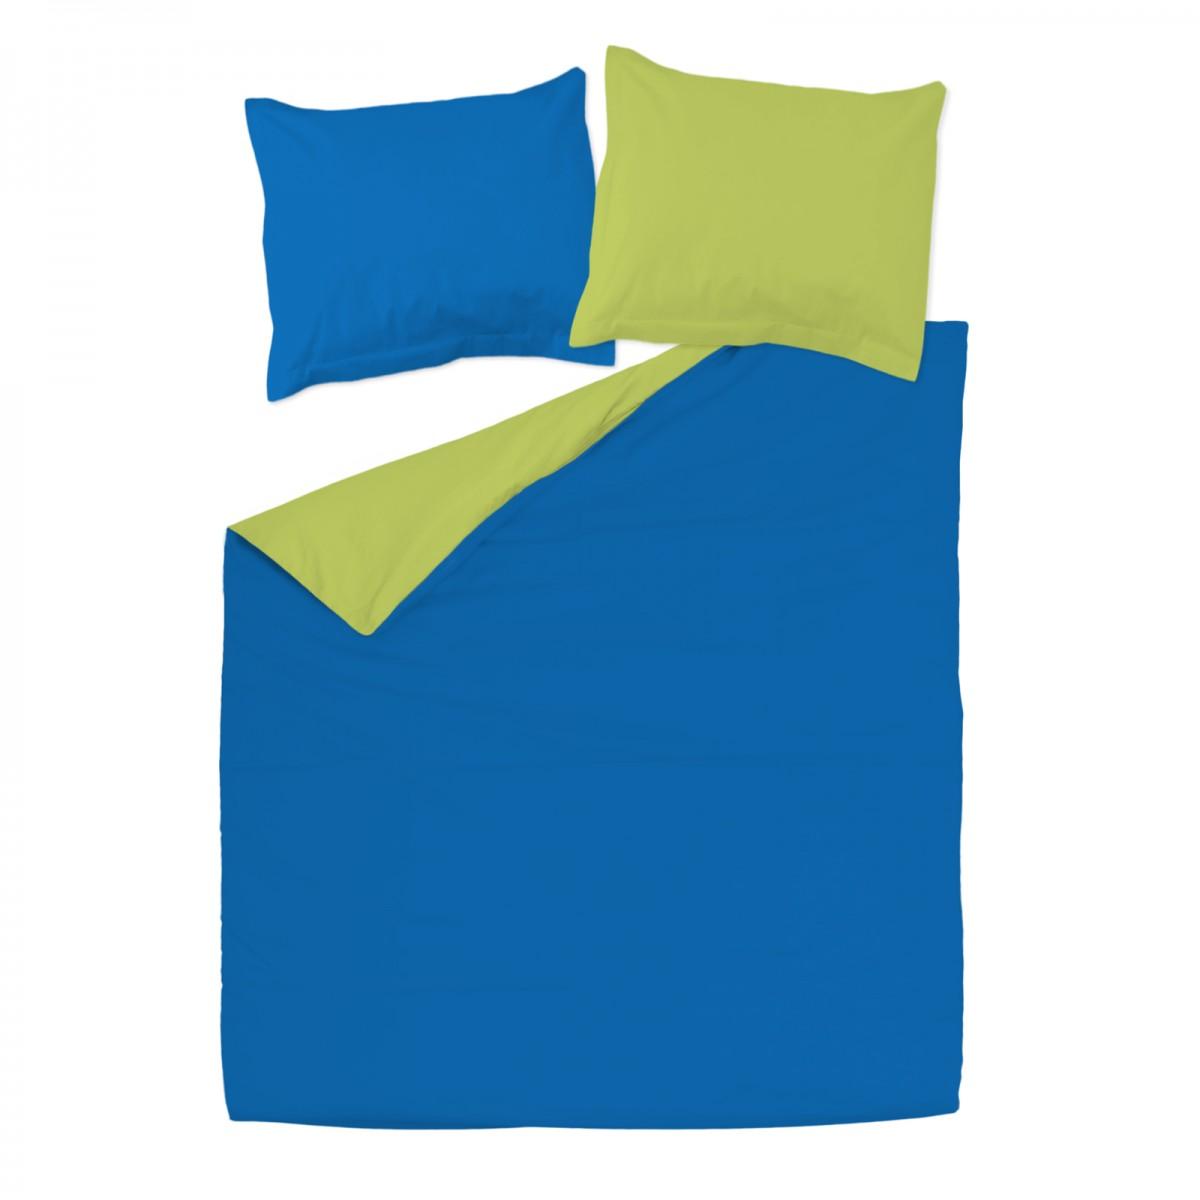 vert et bleu 100 coton parure de lit r versible housse. Black Bedroom Furniture Sets. Home Design Ideas